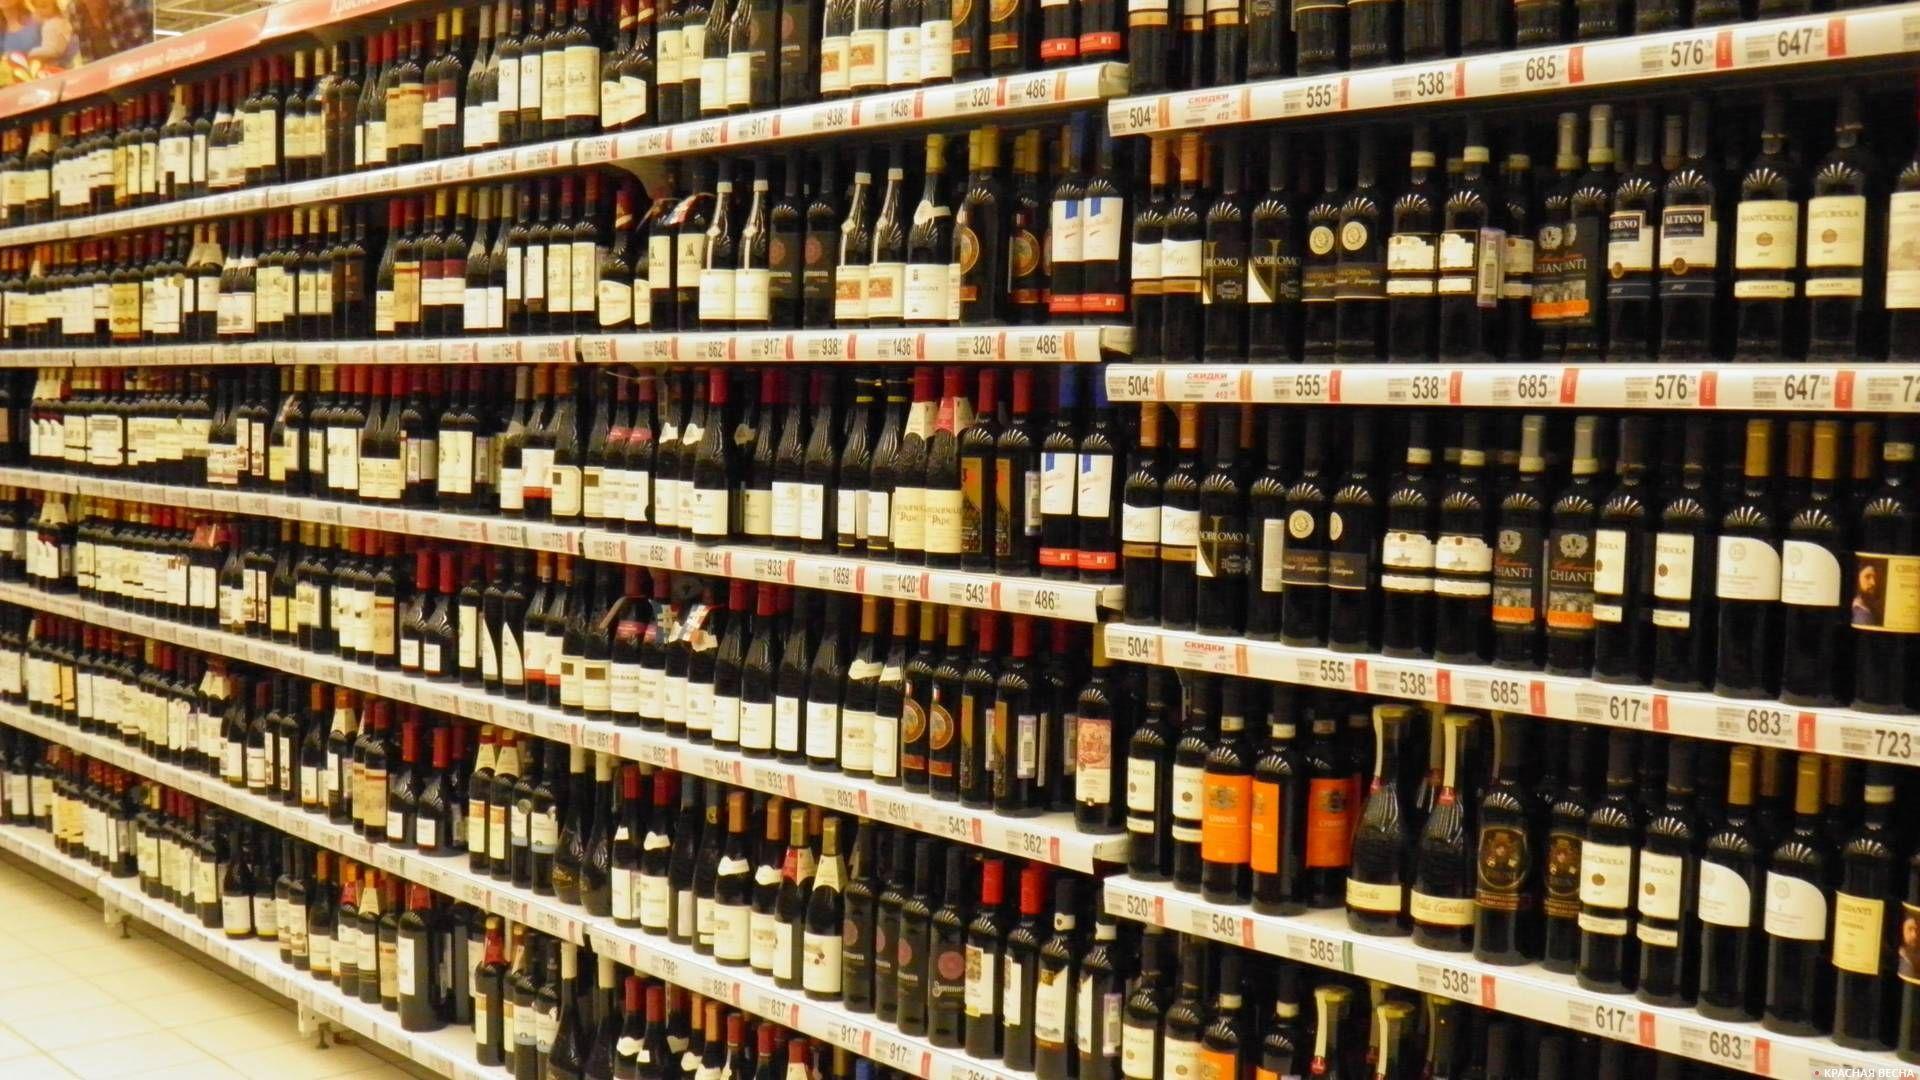 Правительство РФ запретило госучреждениям закупки импортного алкоголя. В том числе из Молдовы